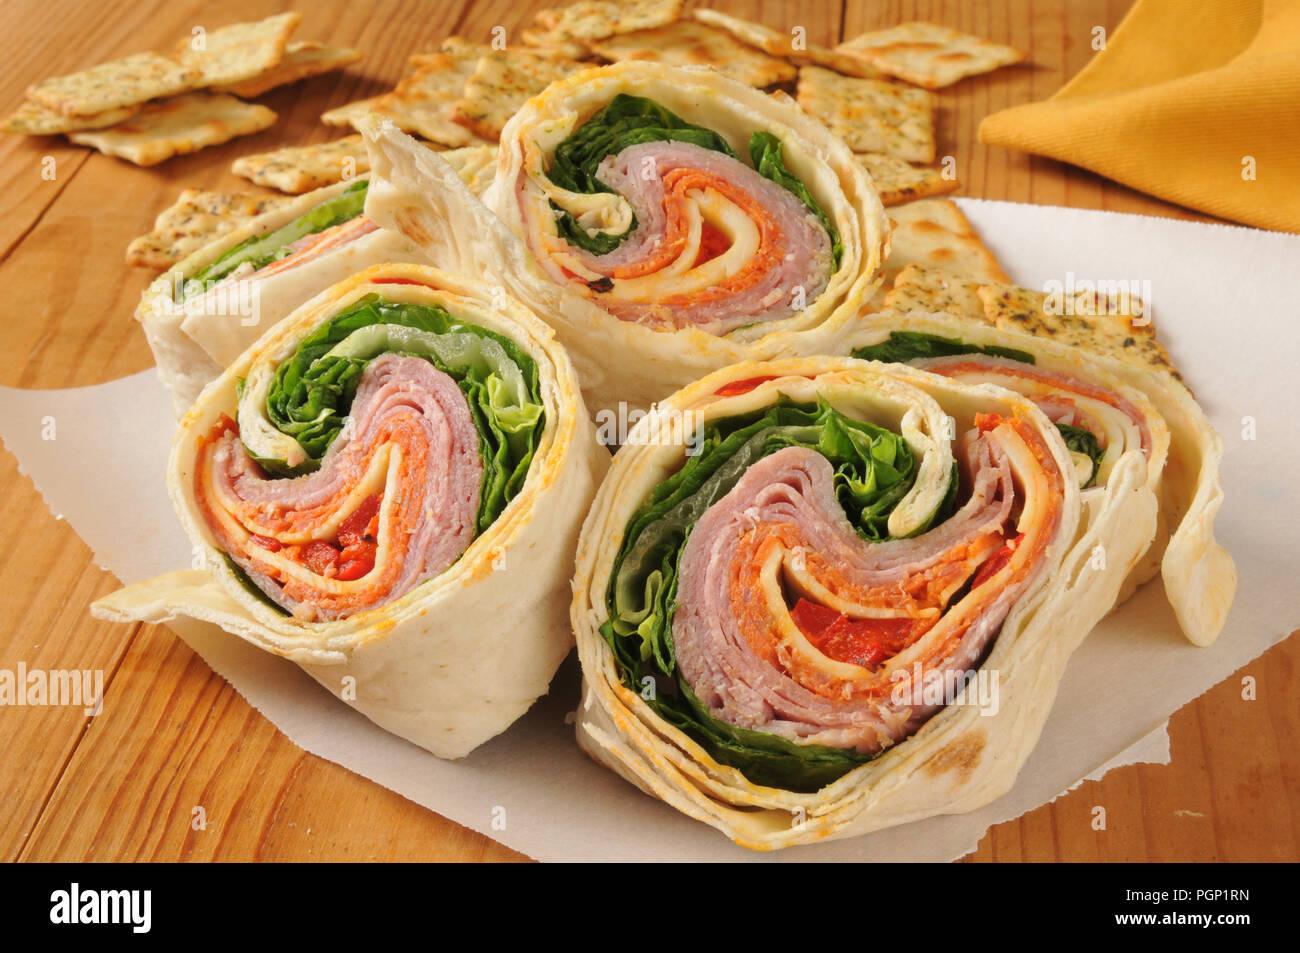 Primer Plano De Una Envoltura De Carne Italianas Flatbread Sandwich